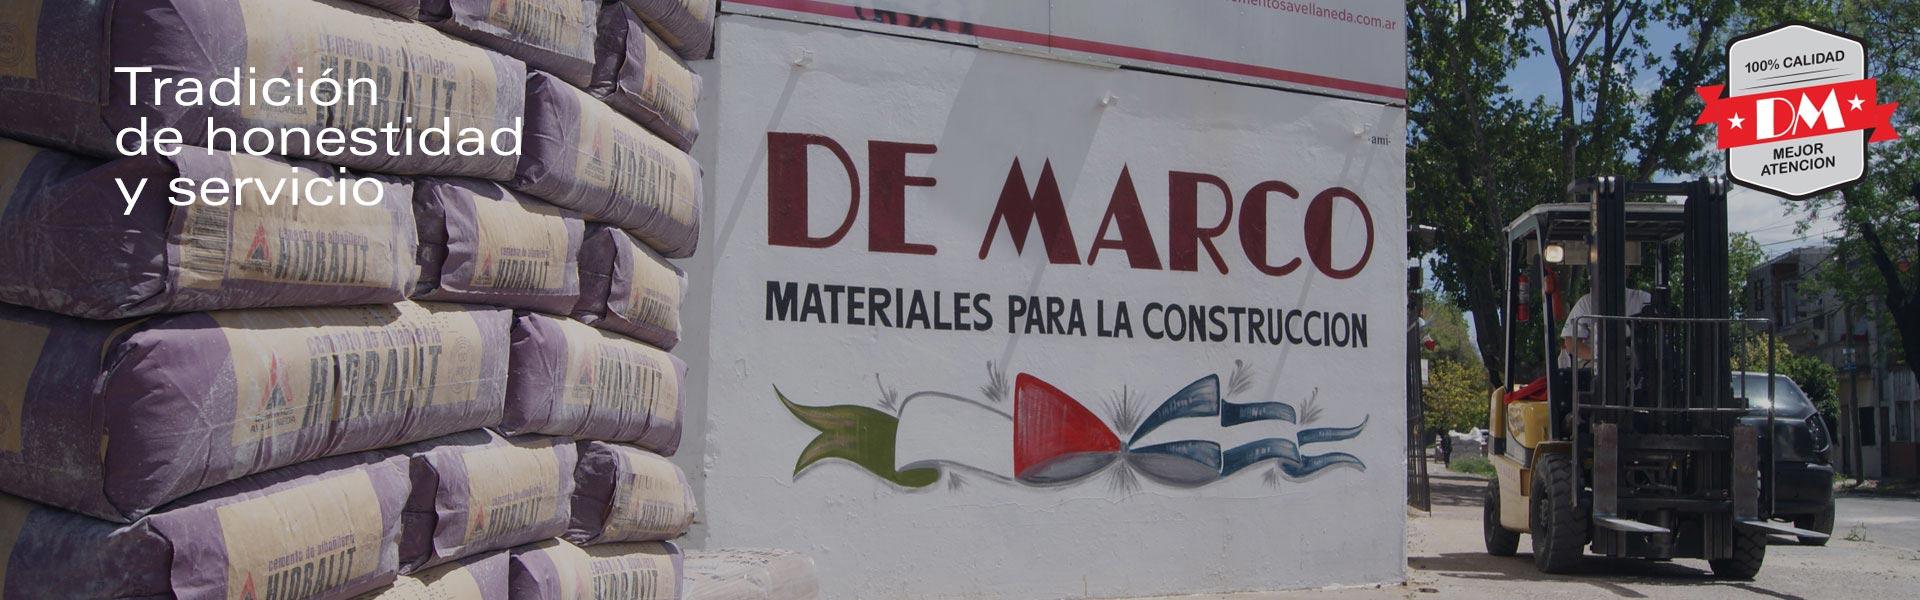 DE MARCO – Materiales para la Construcción